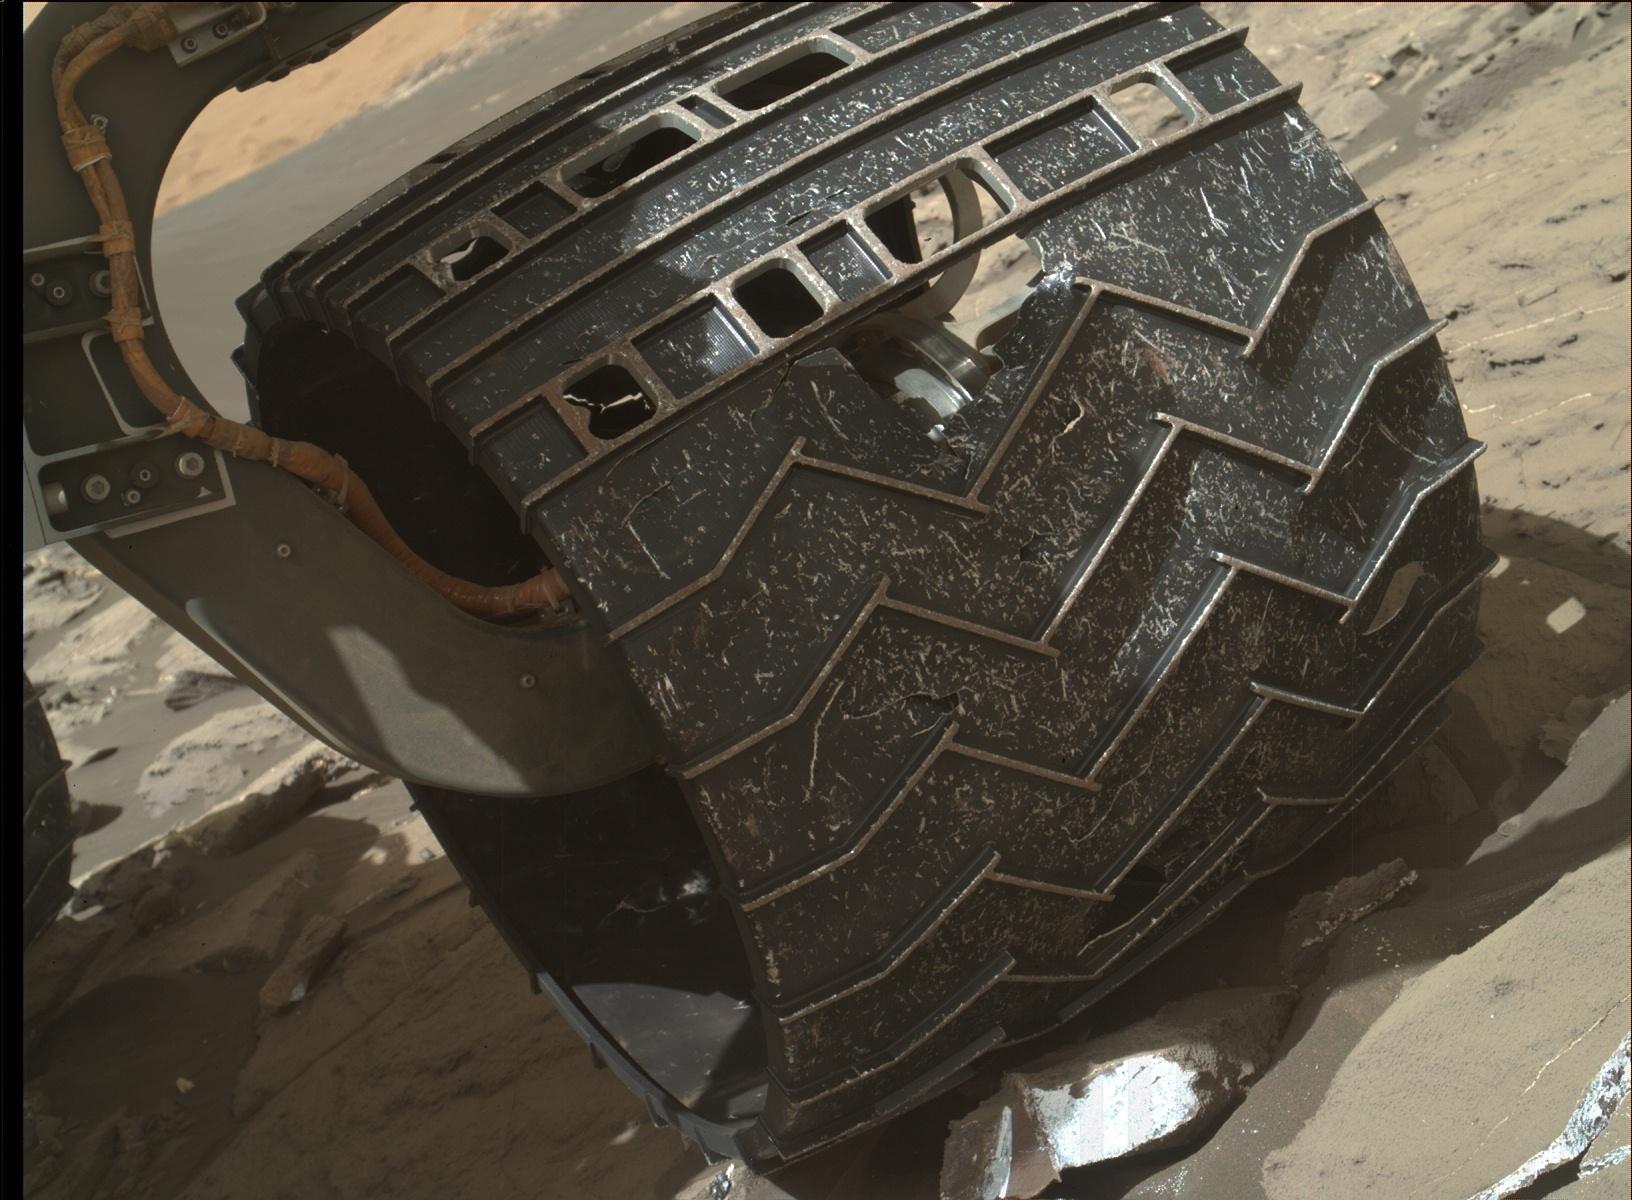 mars from mars rover wheels - photo #20